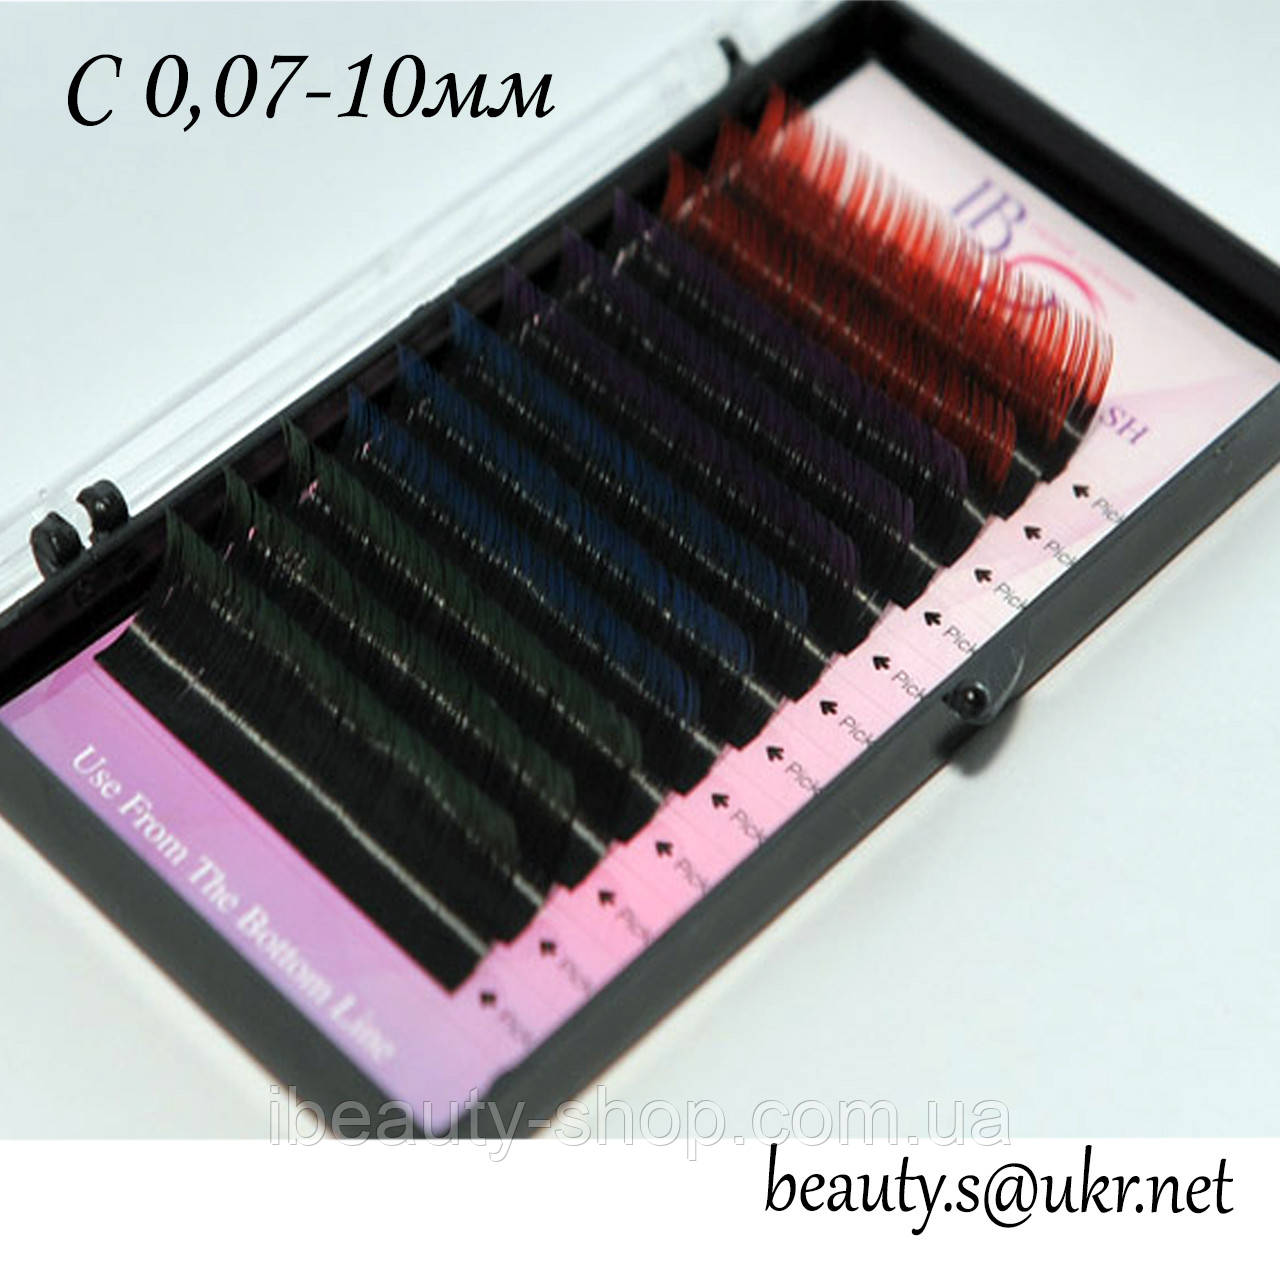 Ресницы I-Beauty, С 0,07-10мм,цветные концы,4 цвета